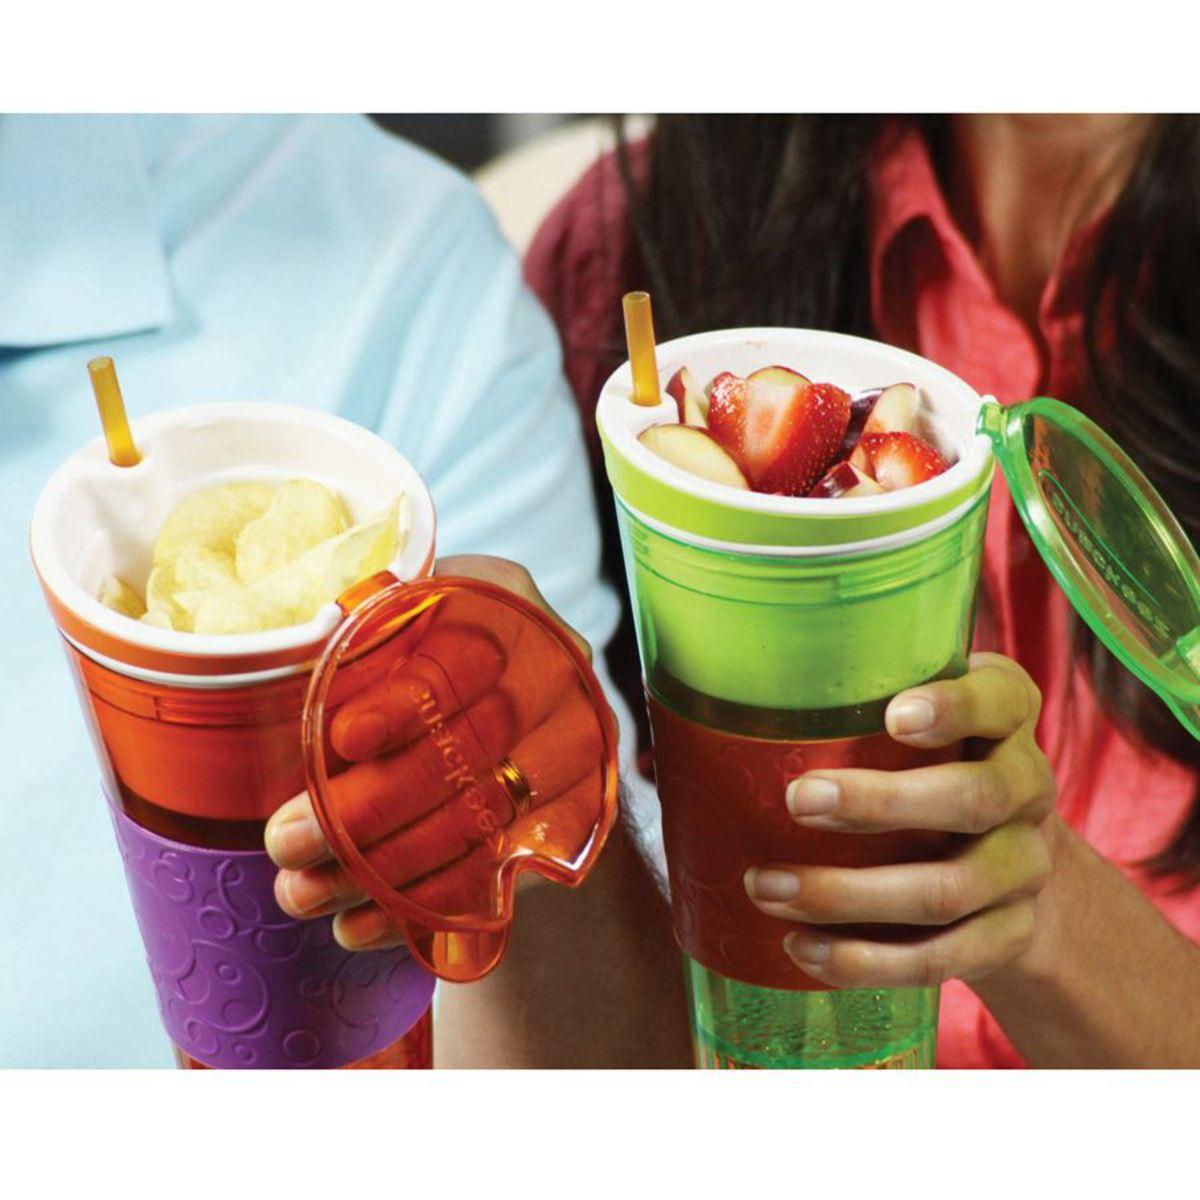 Bild 4 von Snackeez! 2in1 Snack- & Trinkbecher Blau/Grün